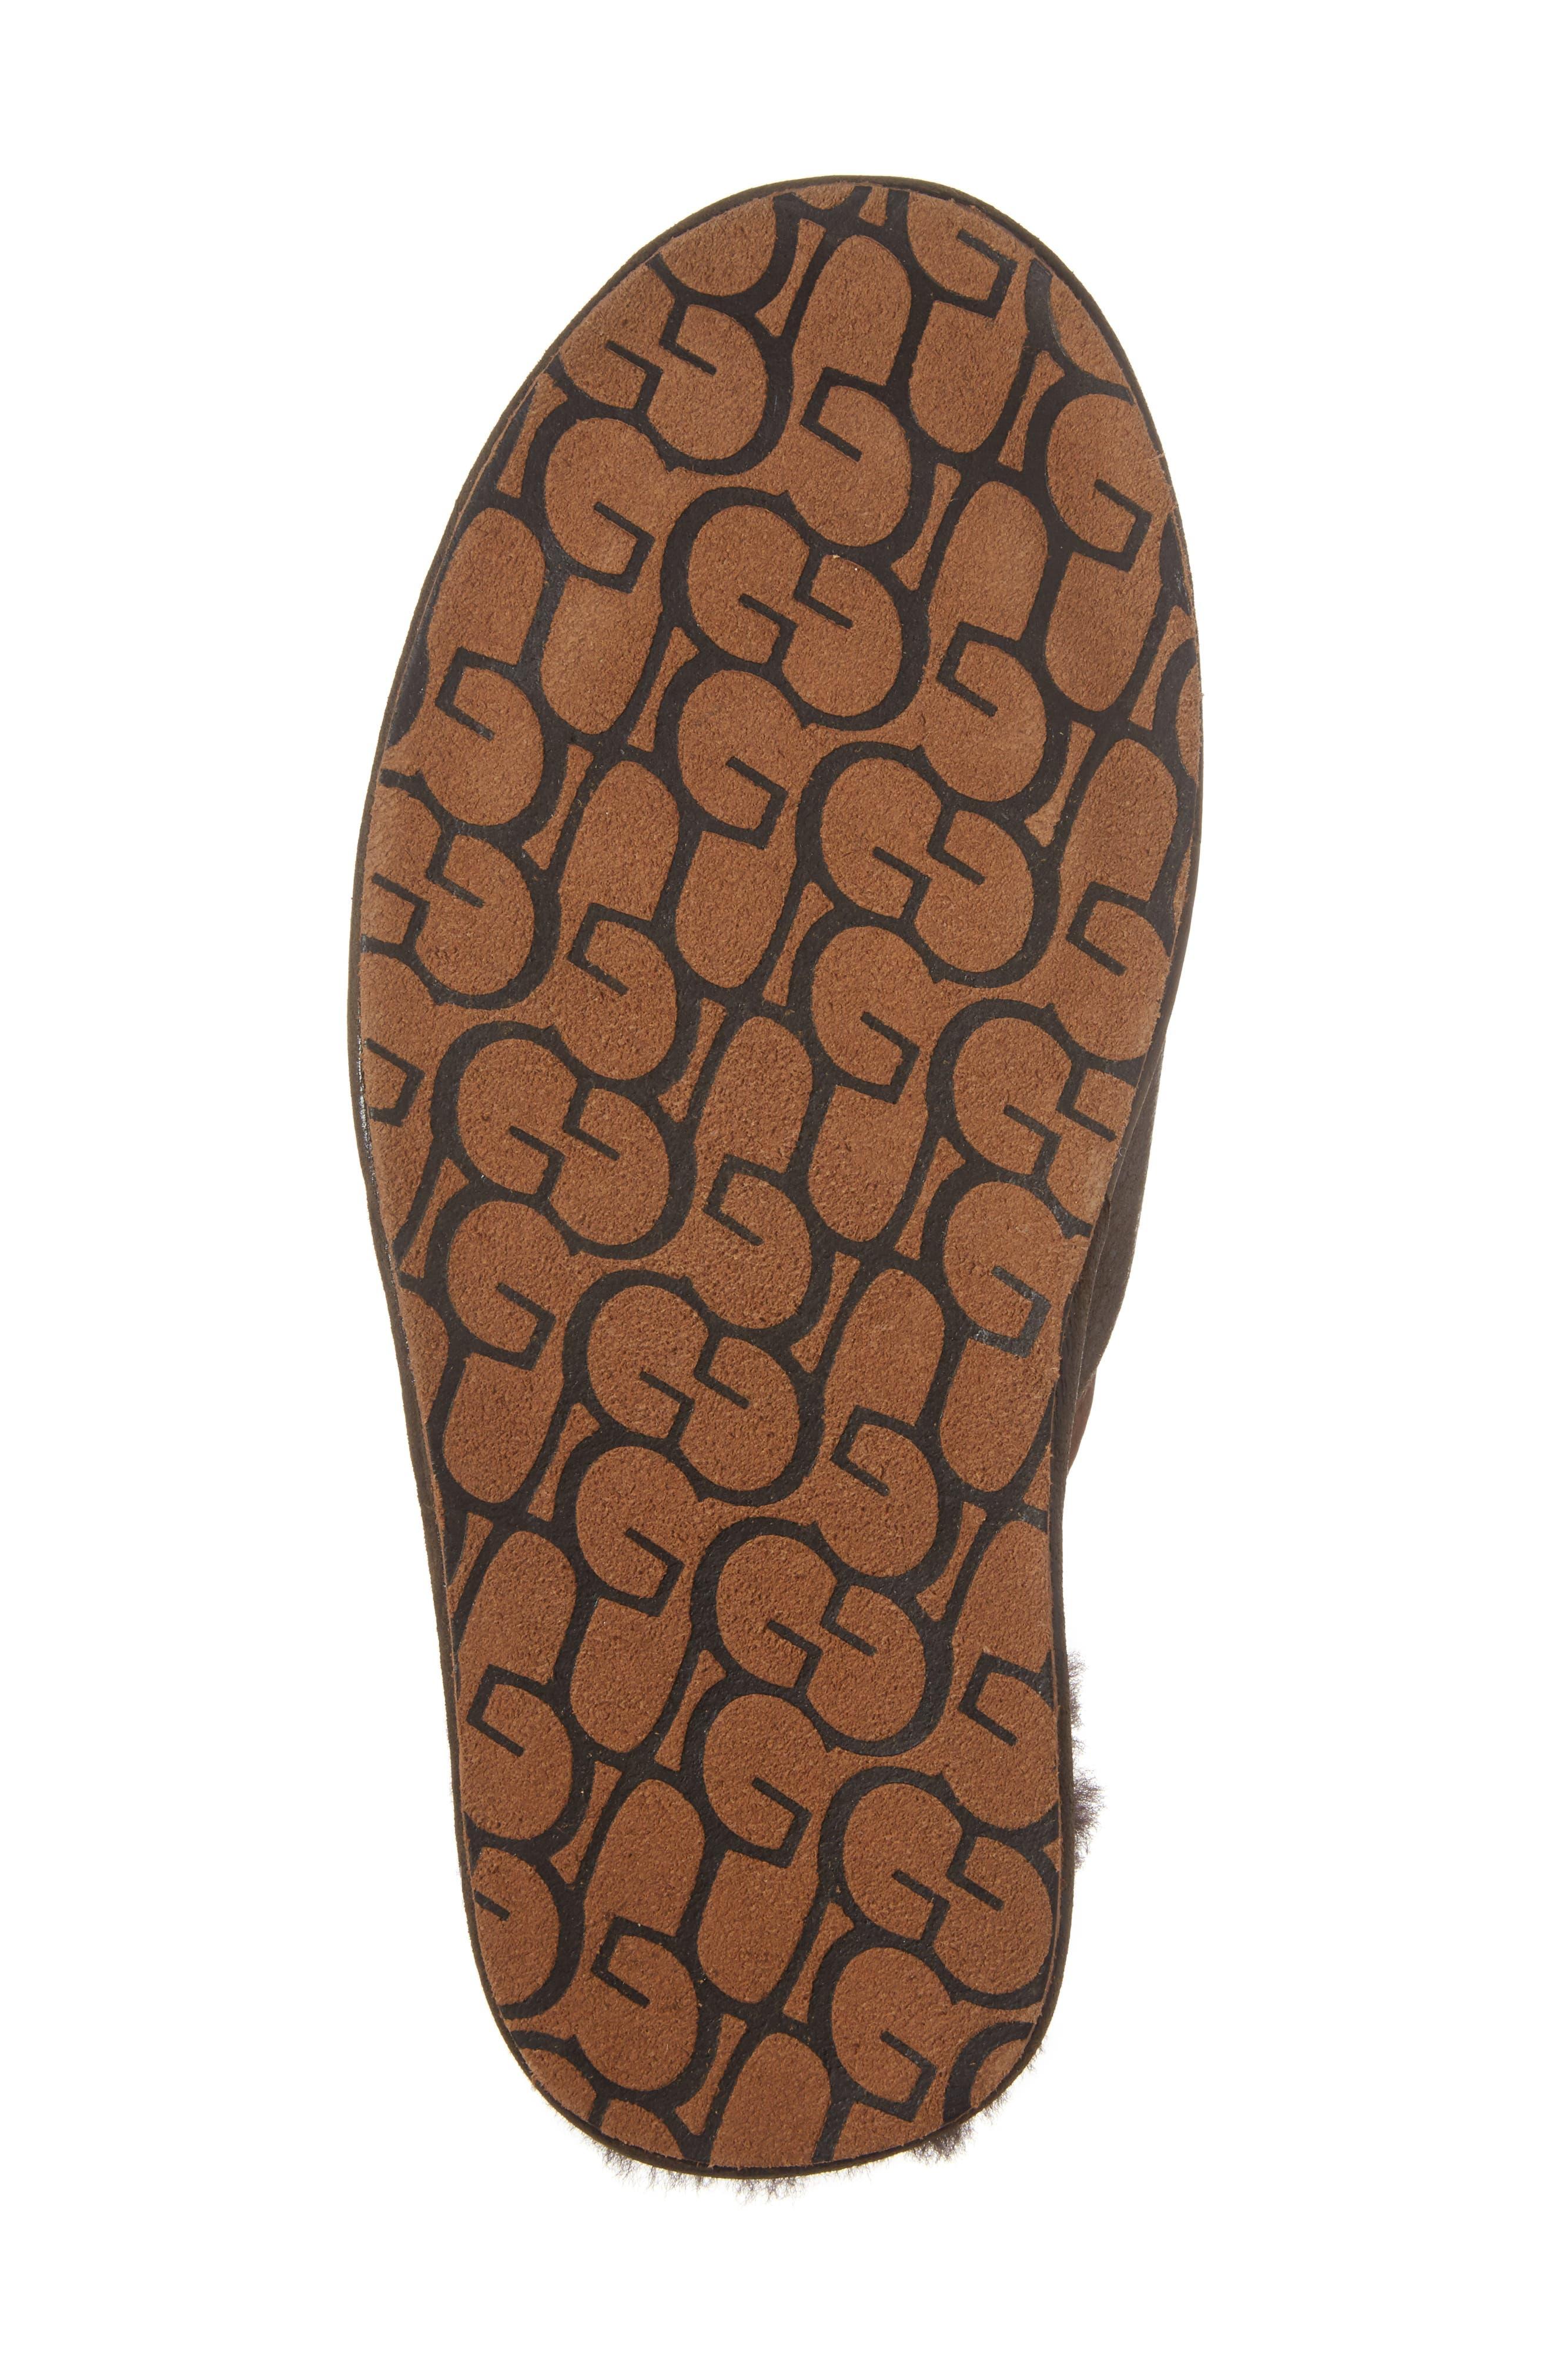 Scuff - Deco Genuine Shearling Slipper,                             Alternate thumbnail 6, color,                             Stout